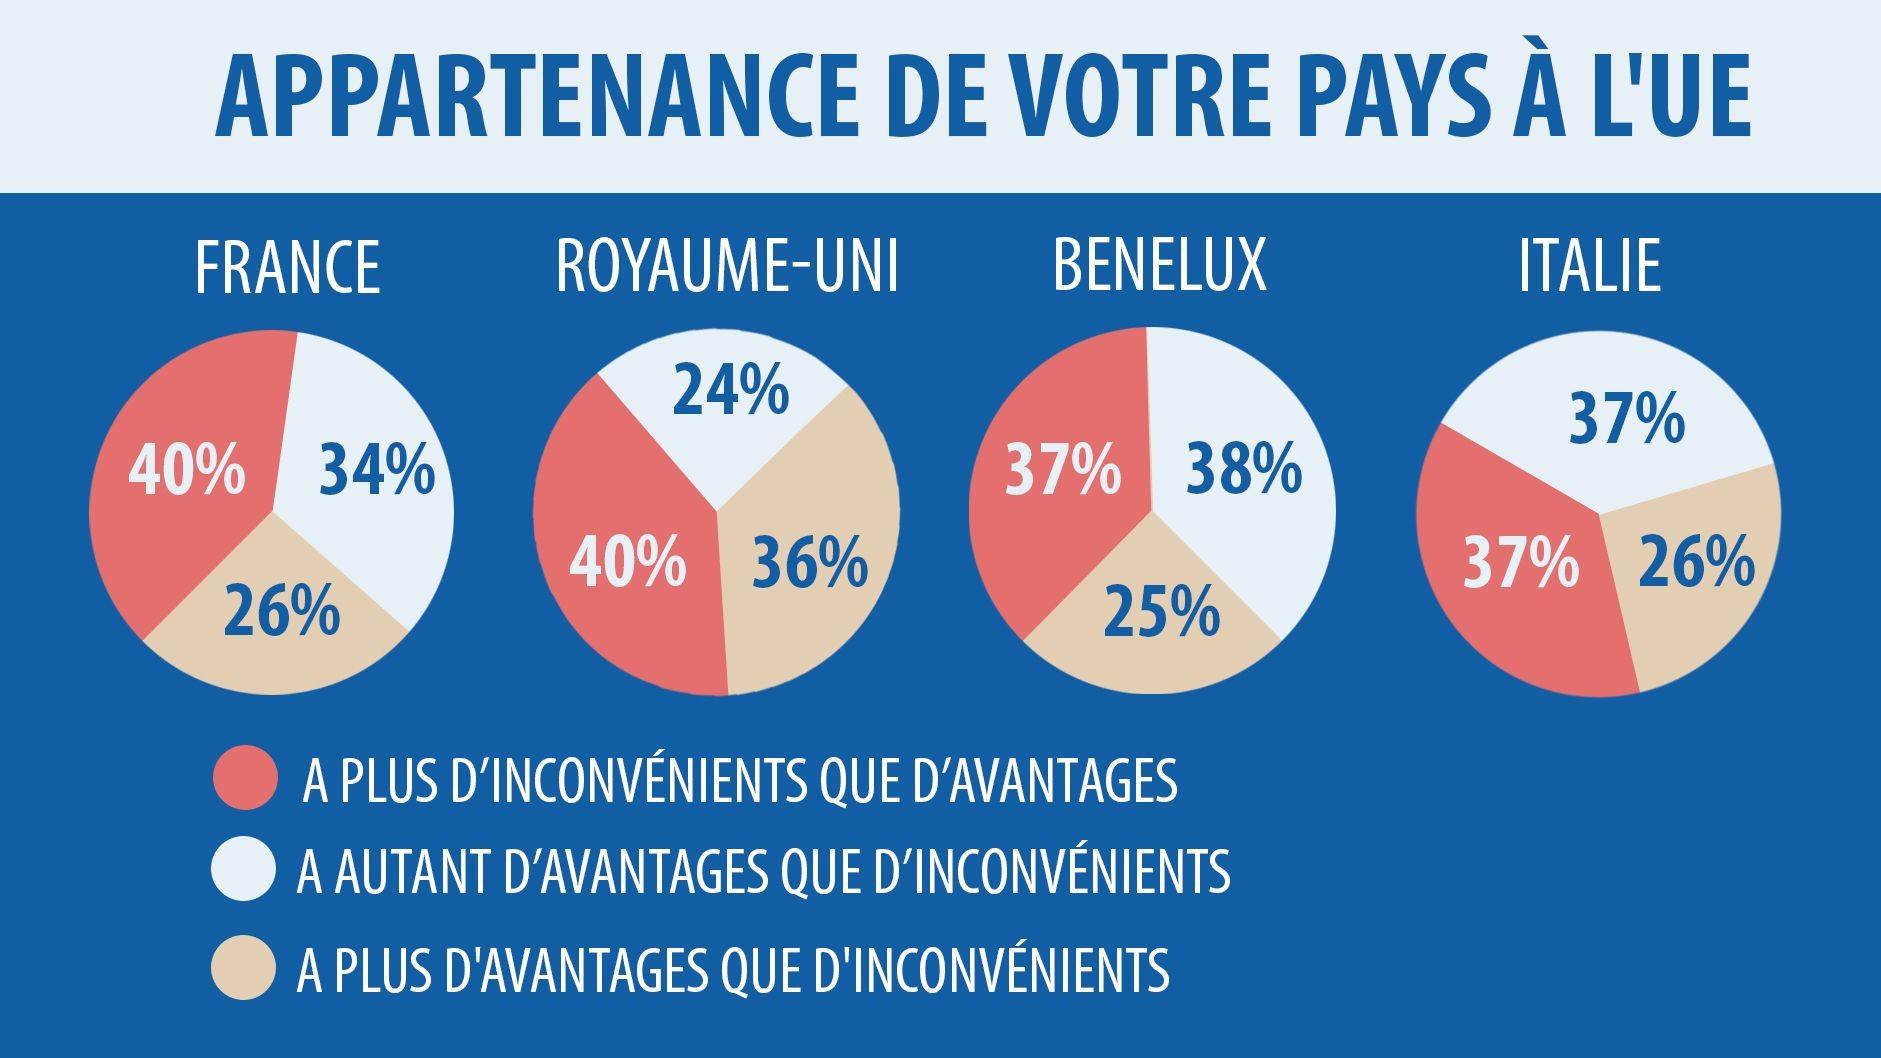 Les Français sont les plus hostiles aux migrants et l'UE